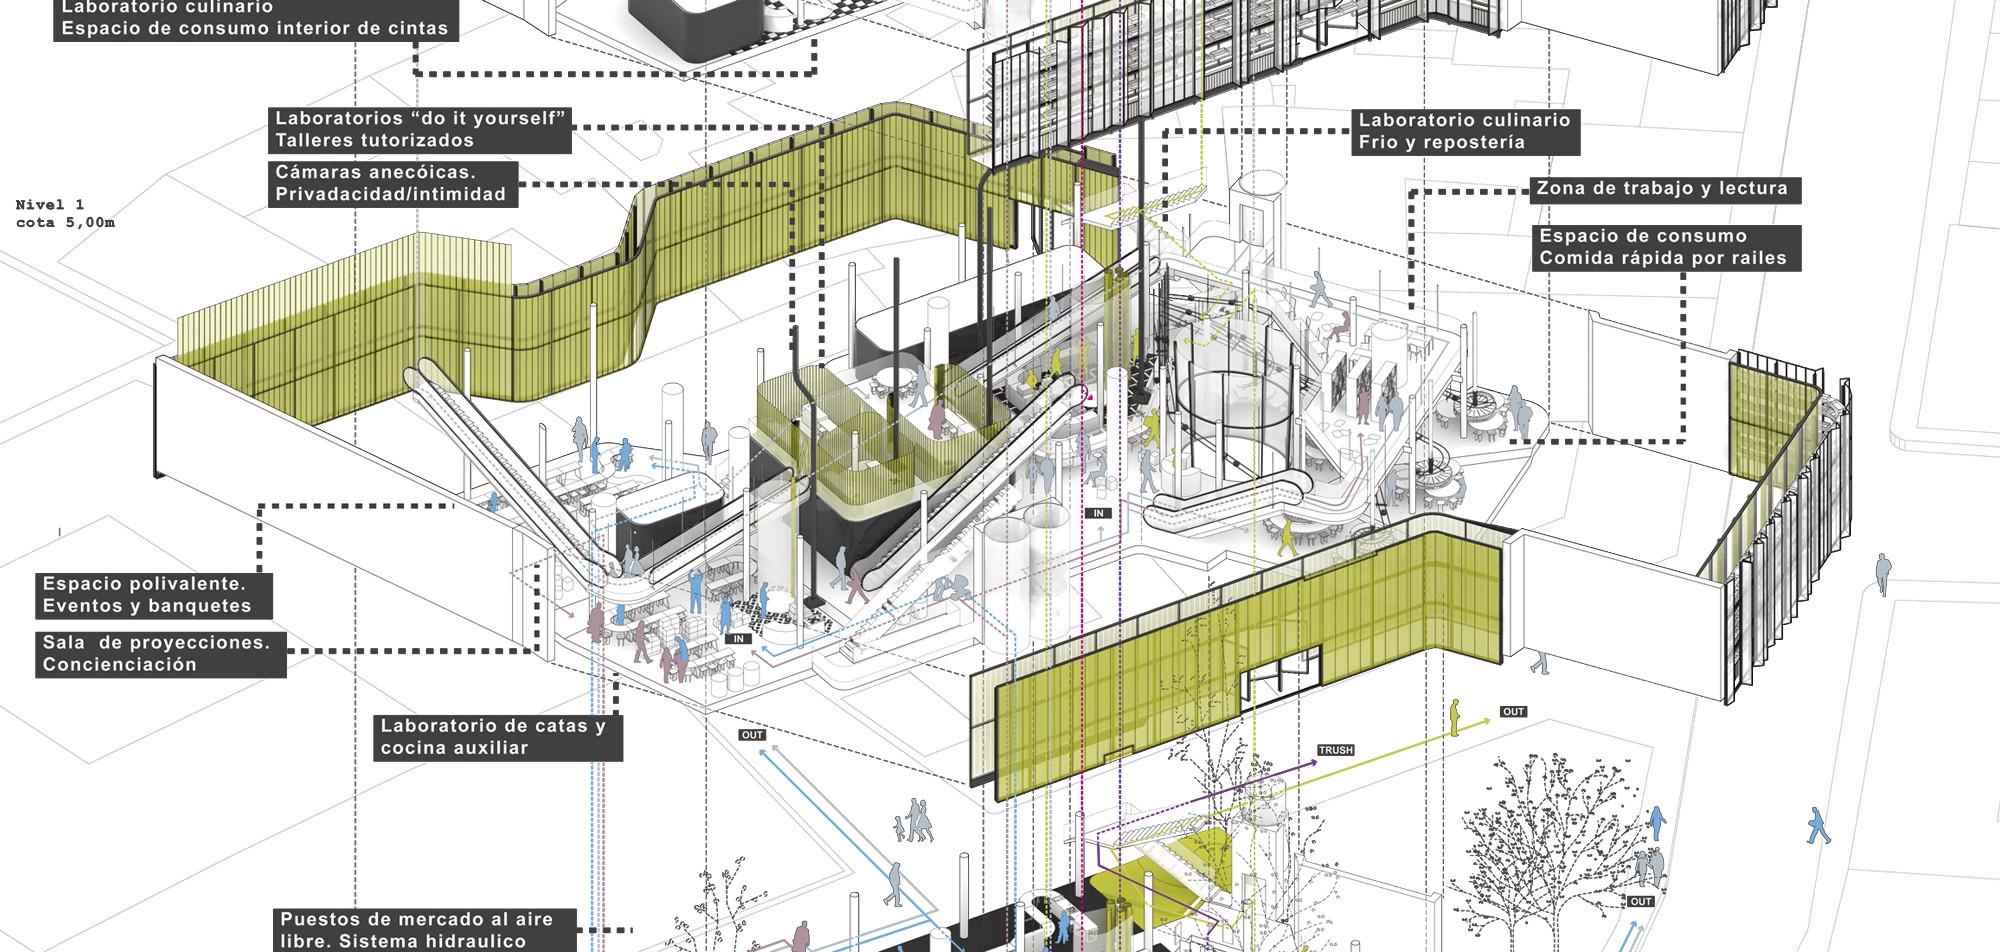 Galer a de 1 expo talleralcubo exposici n itinerante de for Arquitectura de proyectos